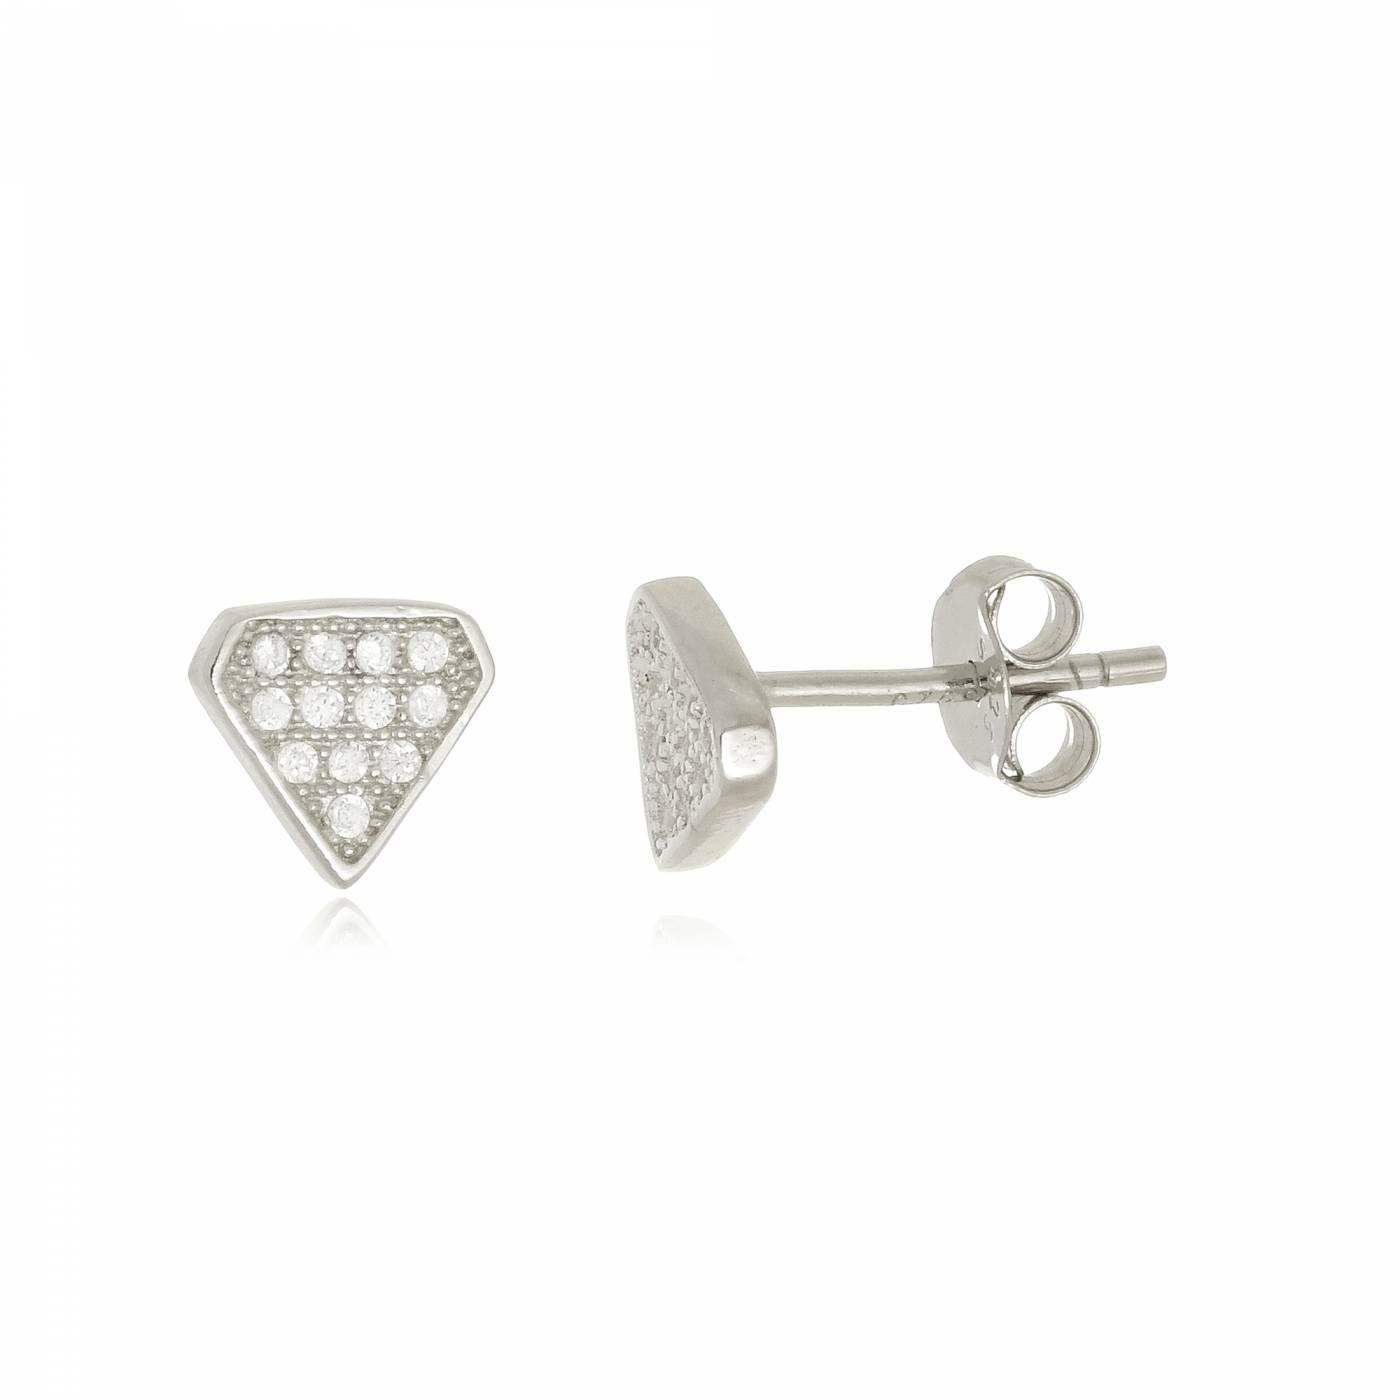 Brinco Triângulo com Mini Zircônias em Prata 925